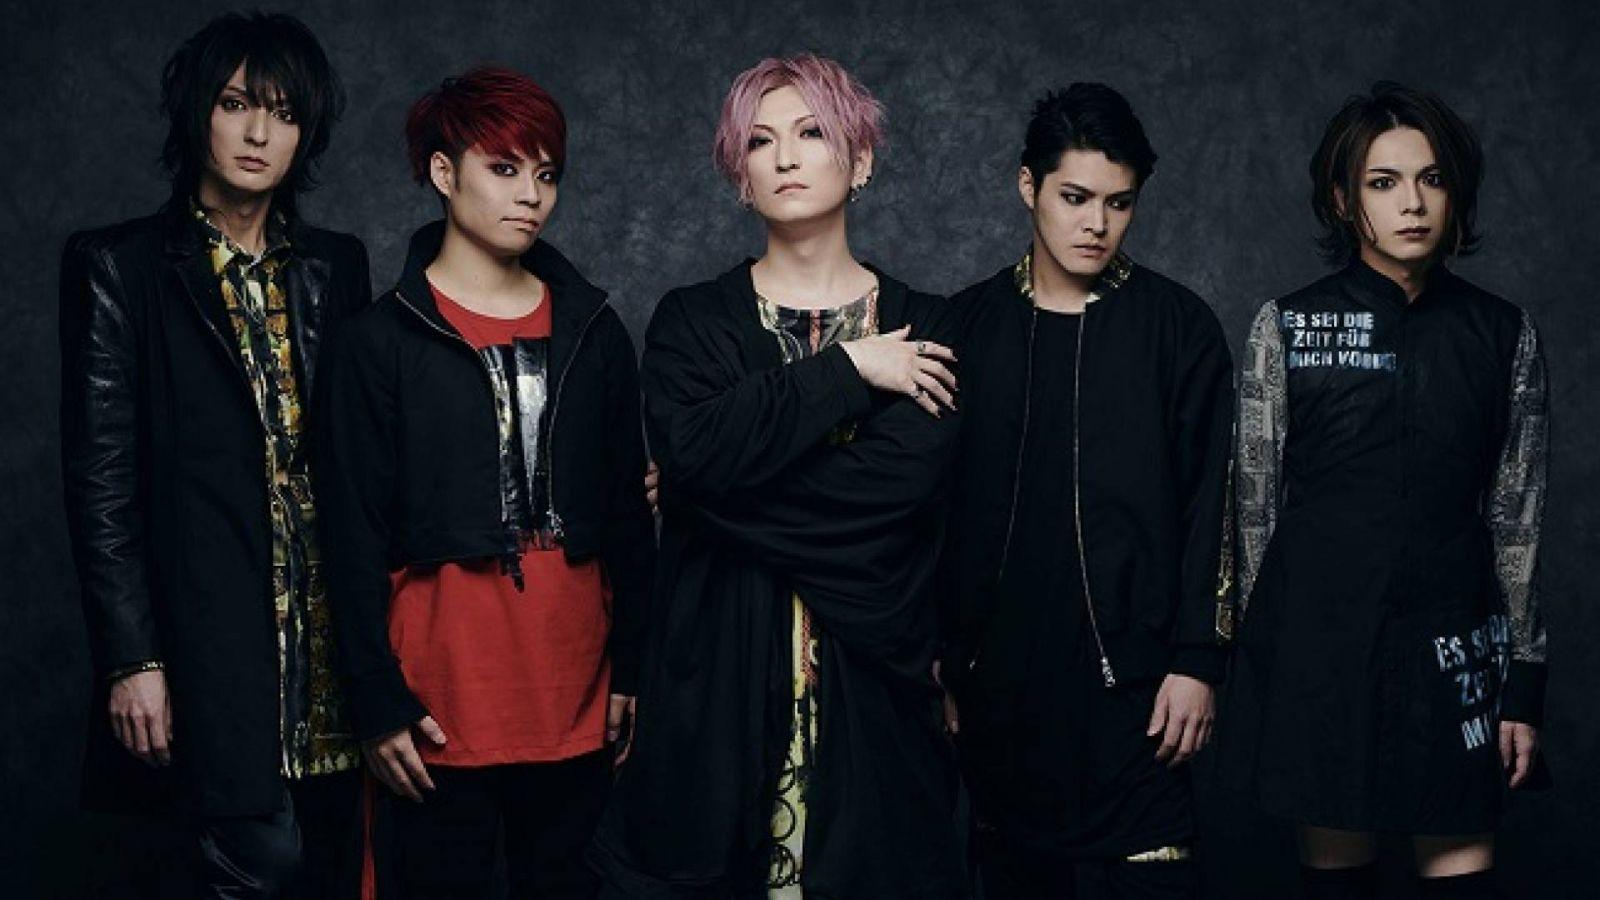 Matenrou Opera lanzará un nuevo EP © Bellwood Records